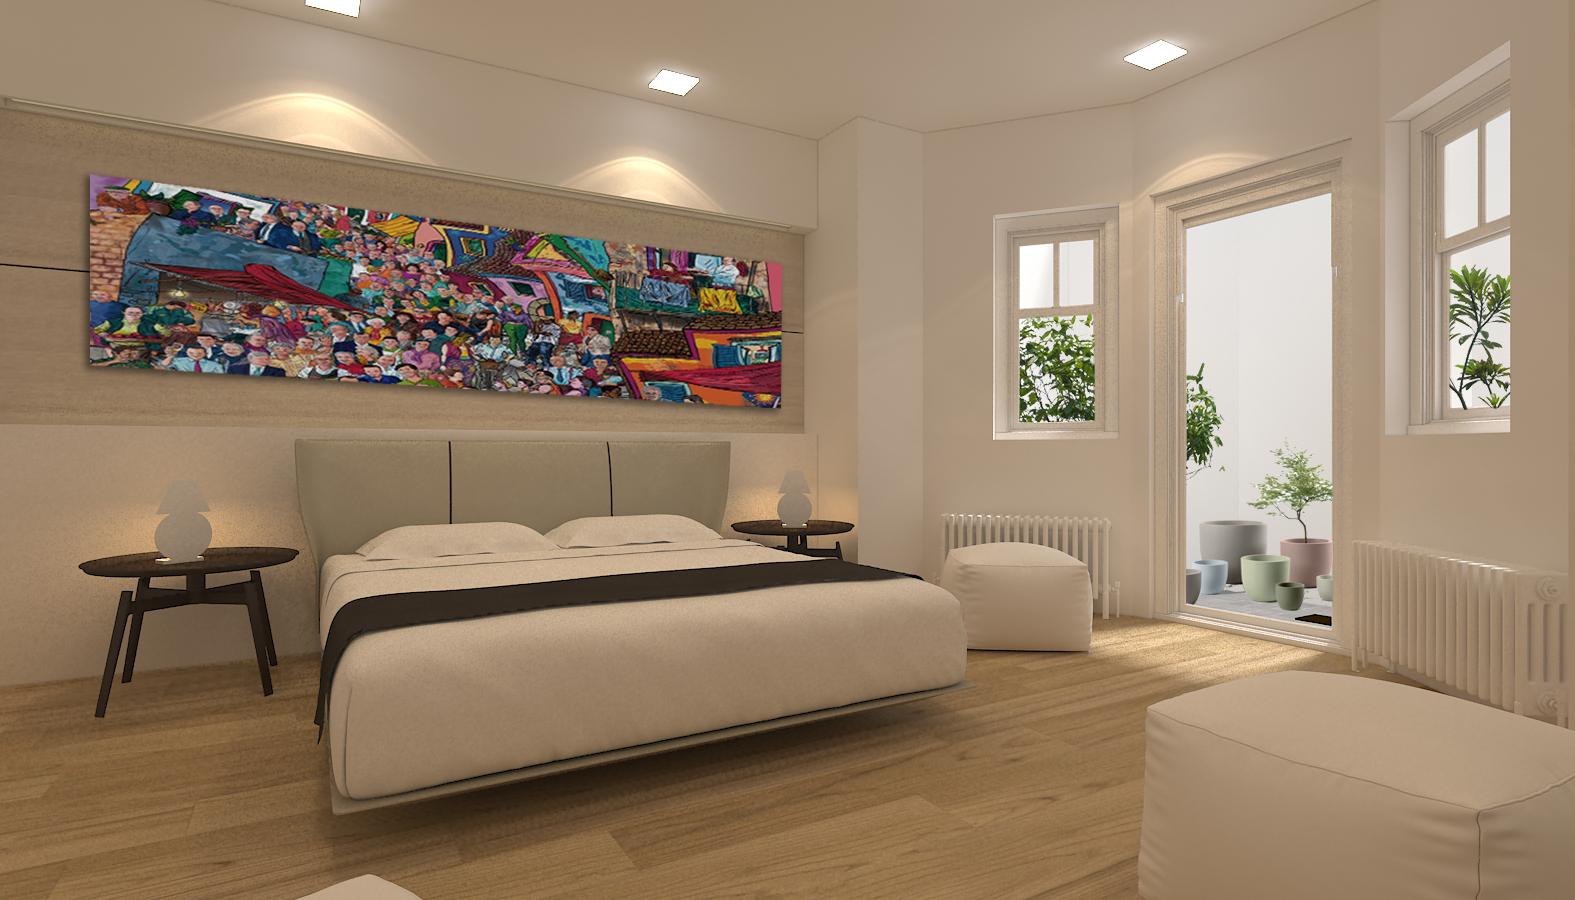 camera da letto01.jpg